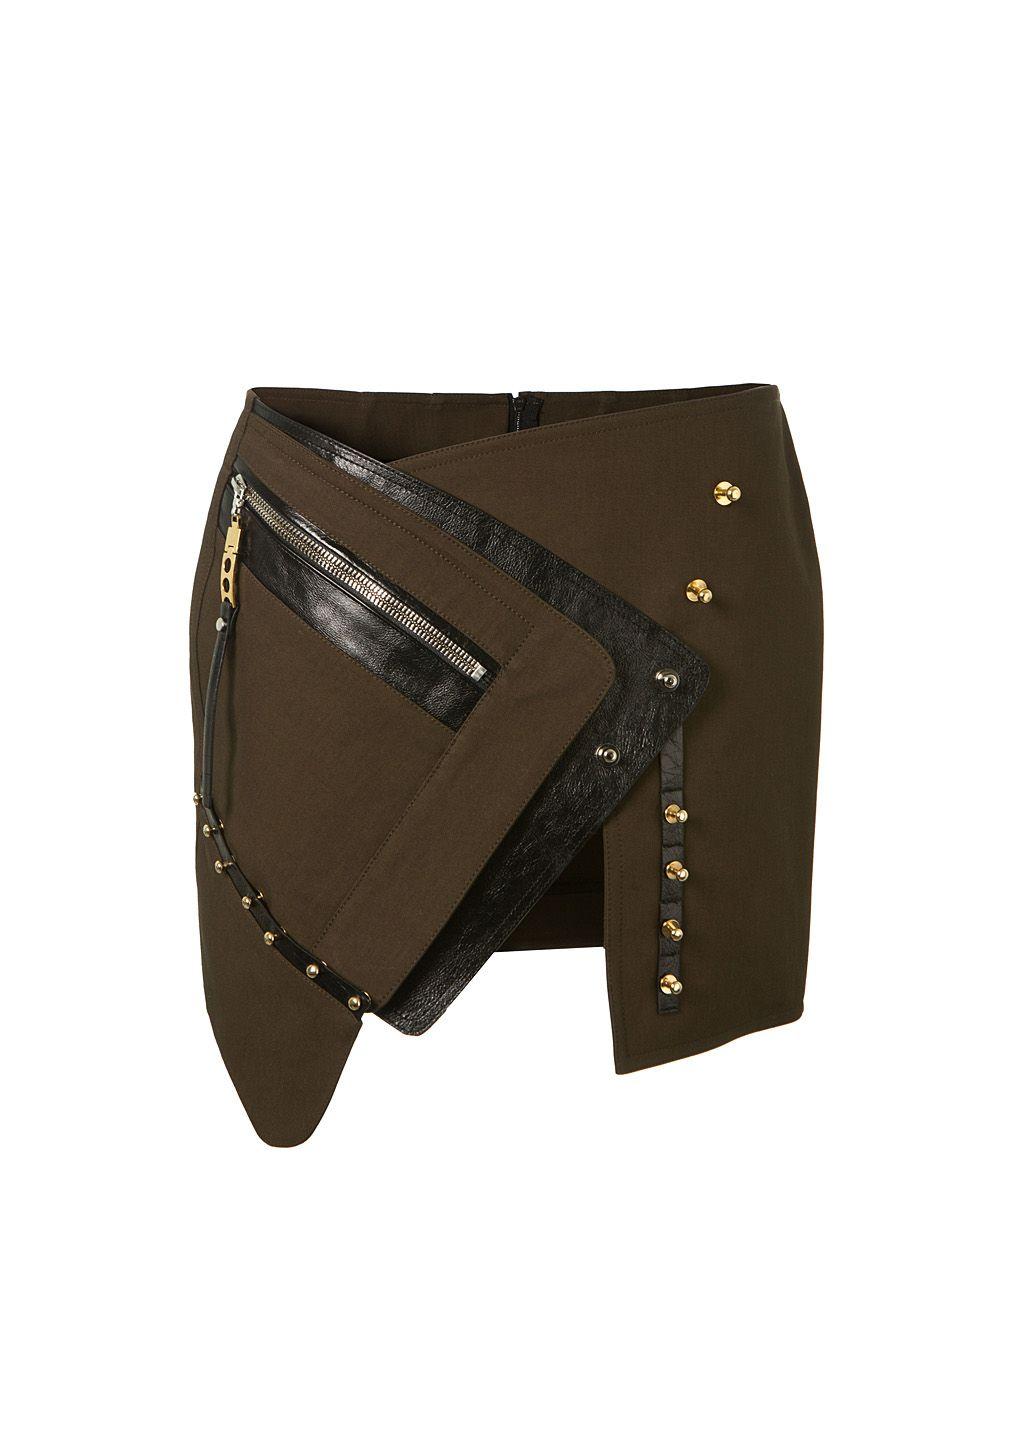 ANTHONY VACCARELLO Anthony Vaccarello Khaki Asymmetric Mini Skirt. #anthonyvaccarello #cloth #